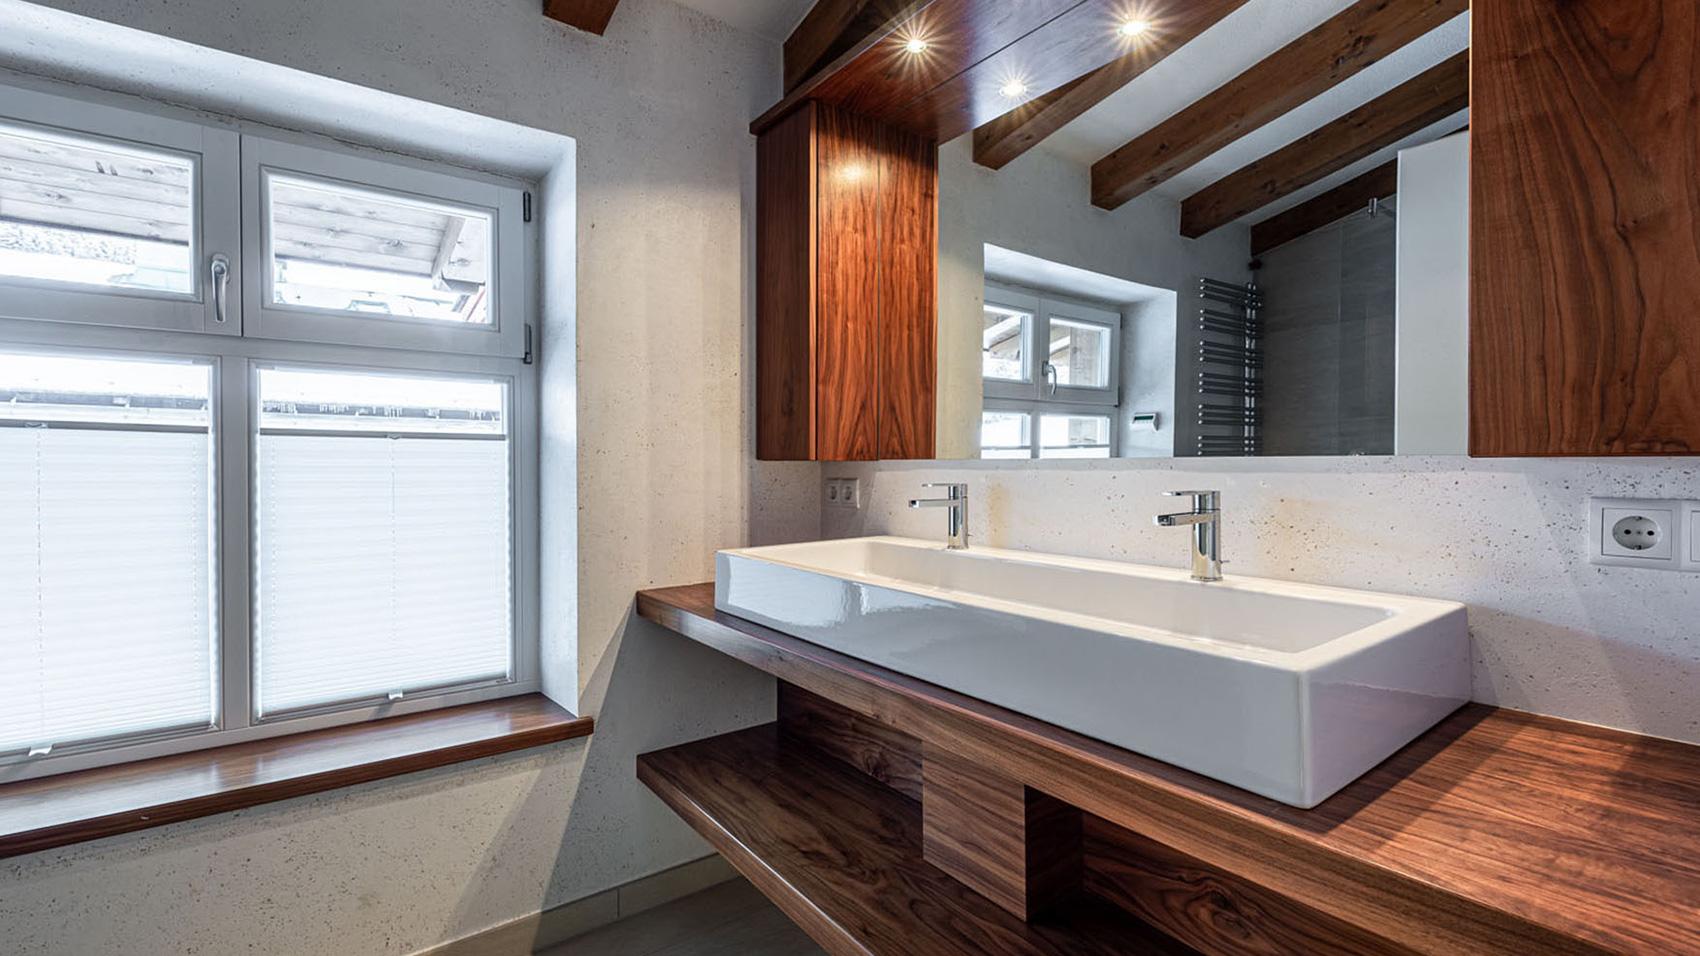 Kitzbuhel Penthouse Apartments, Austria